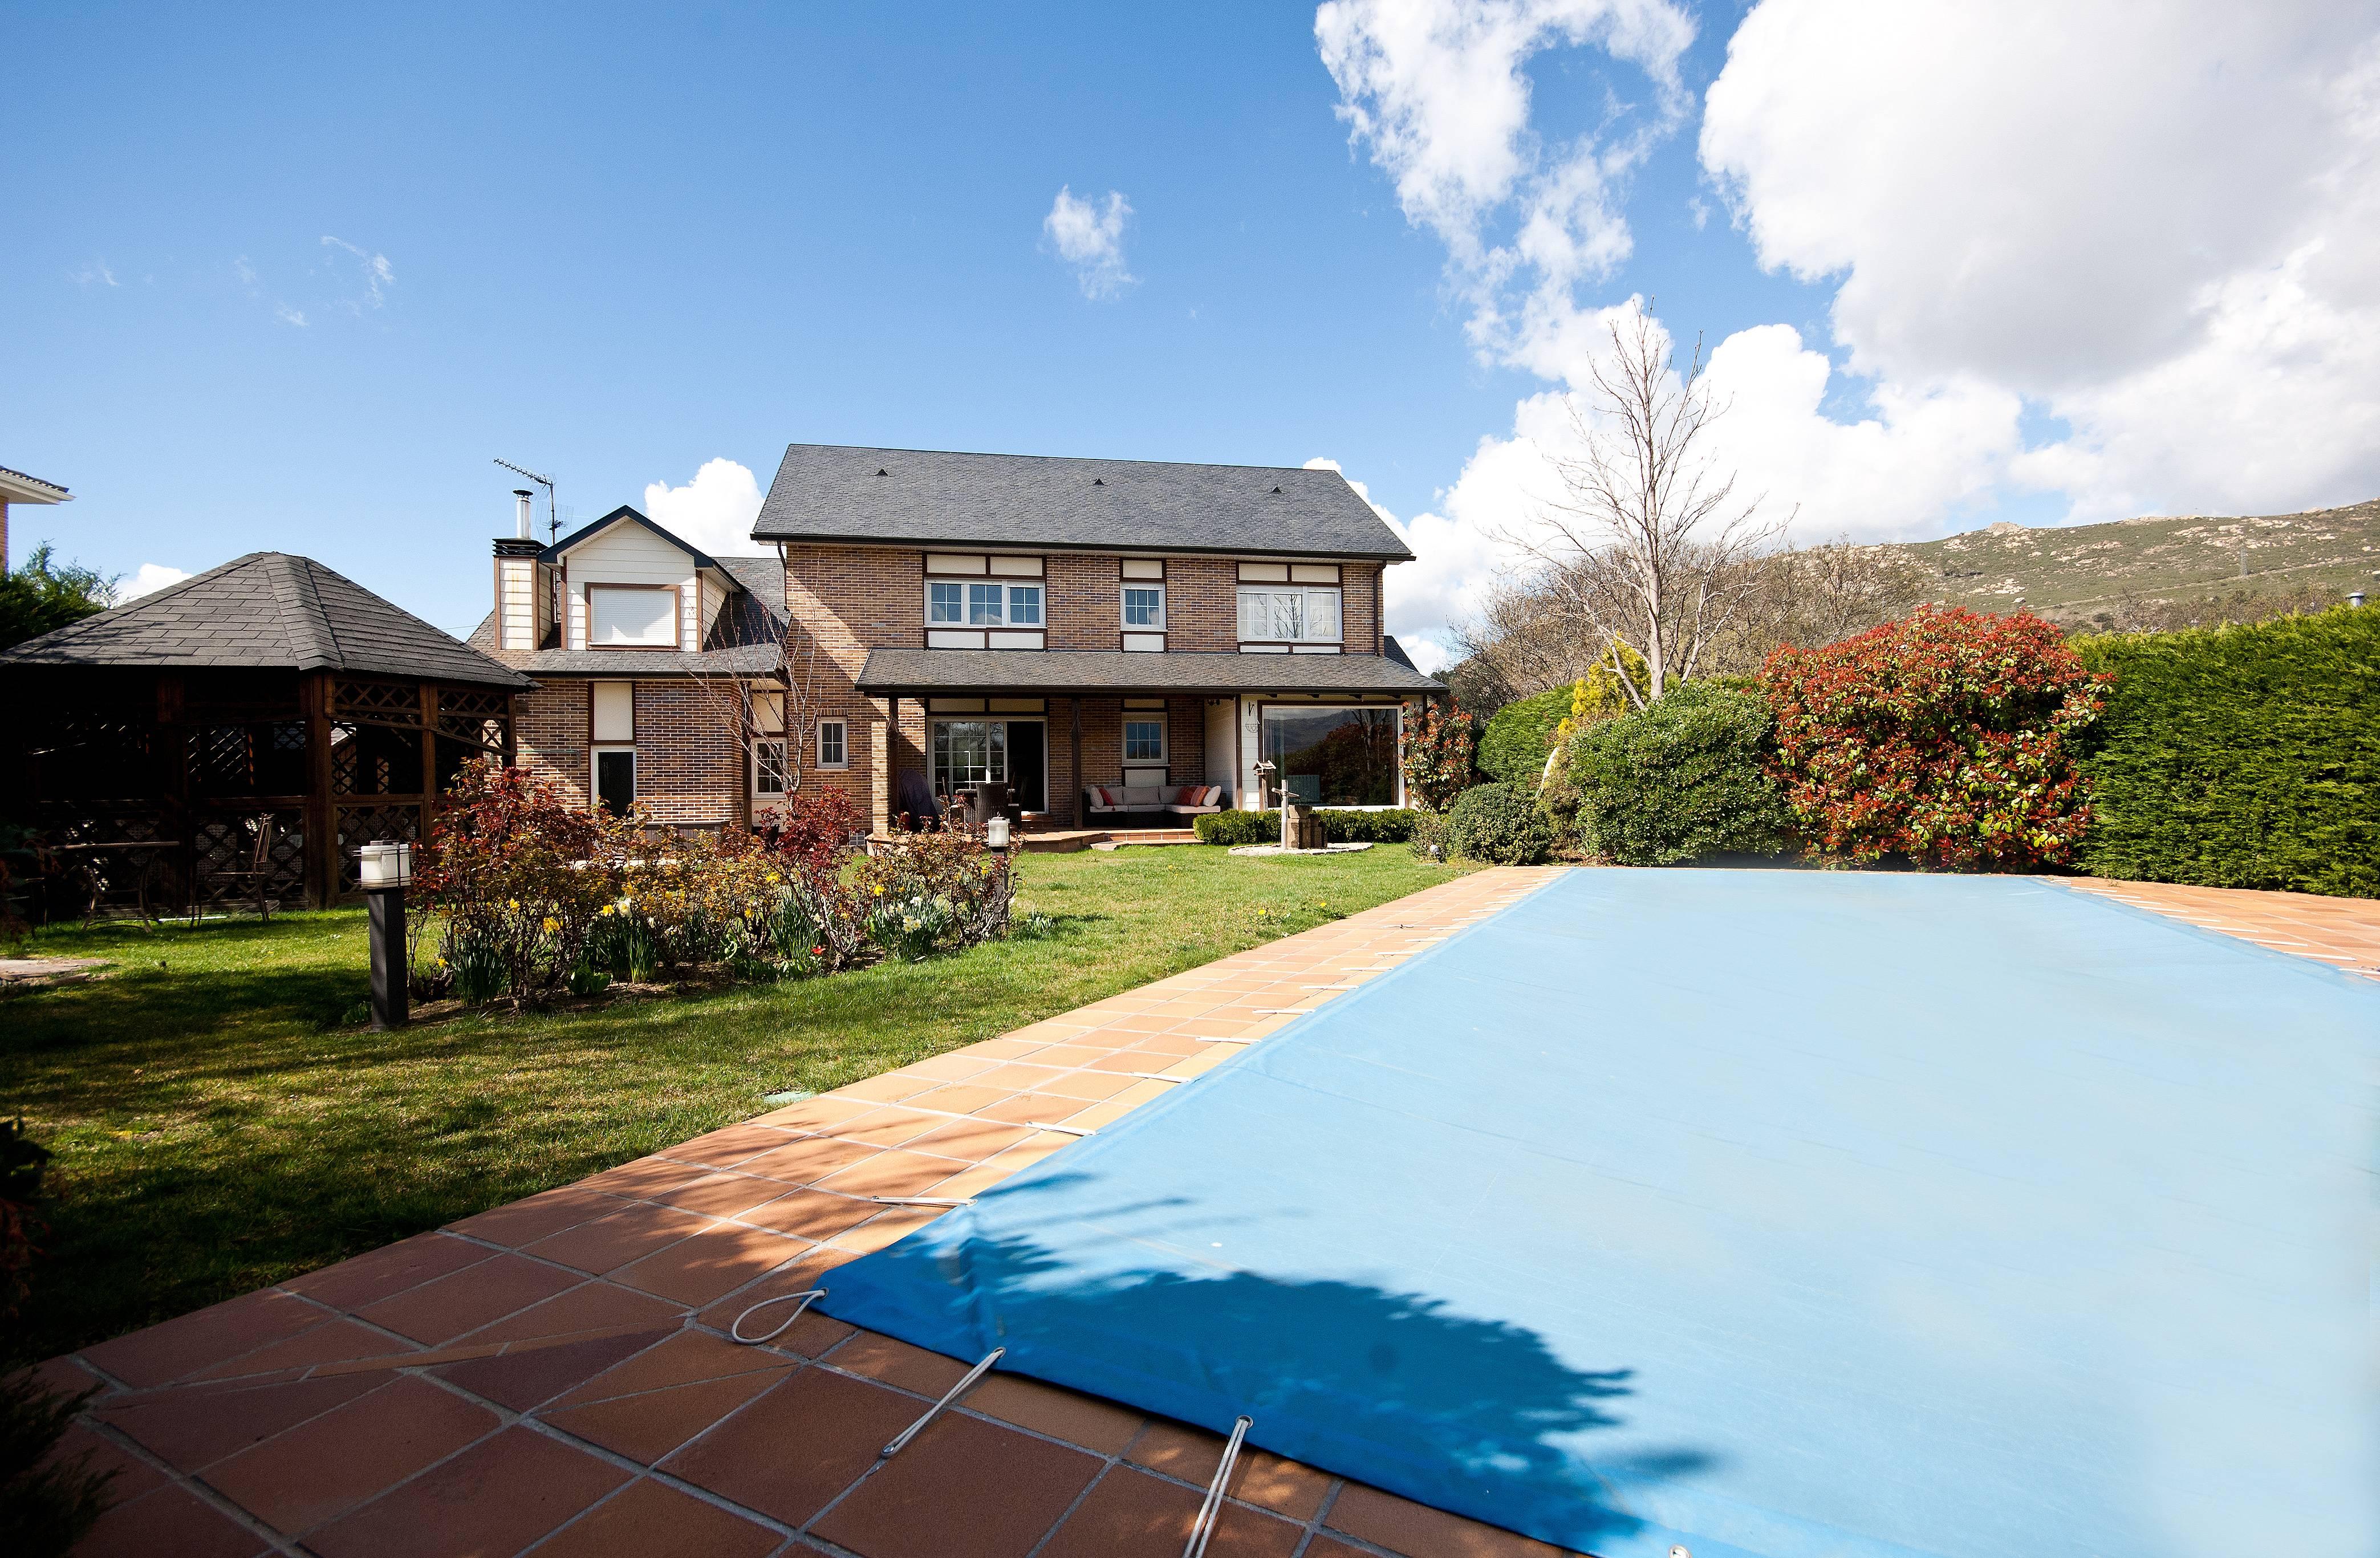 Ascot house magnifica mansi n con piscina y barbacoa en for Piscina guadarrama